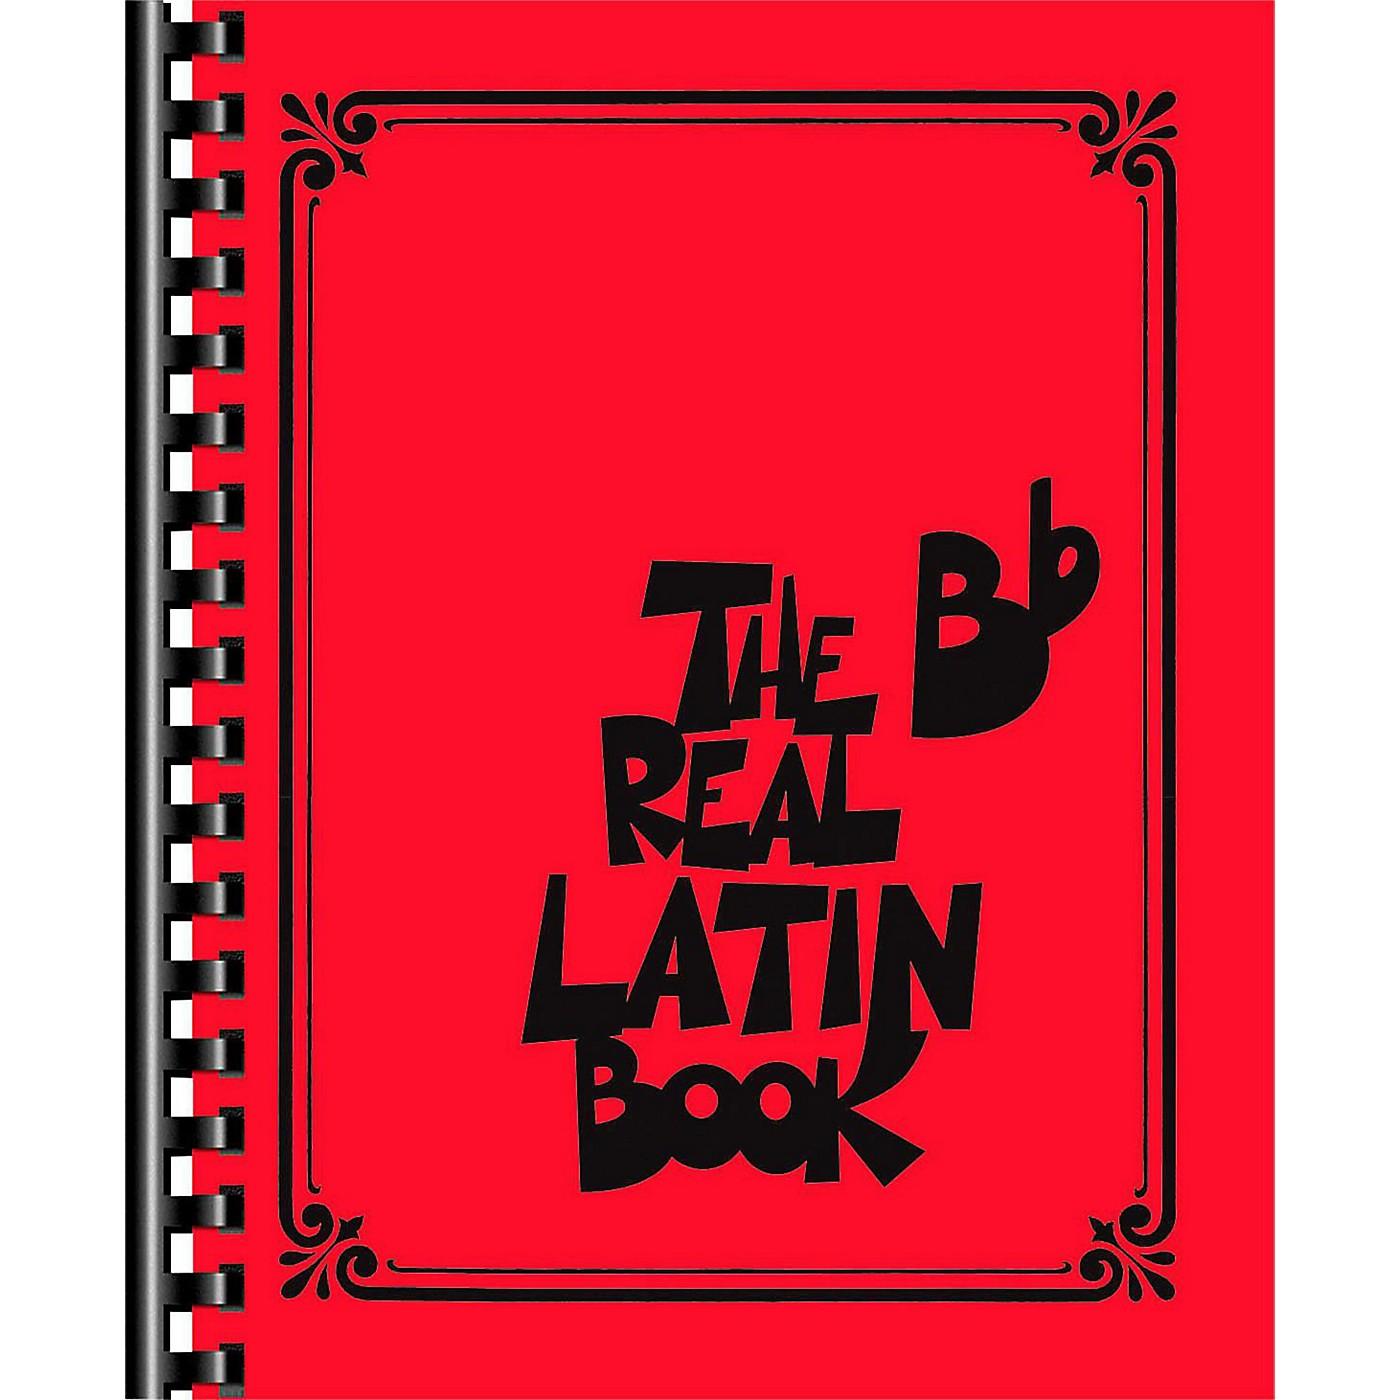 Hal Leonard The Real Latin Book - B Flat Edition Fake Book thumbnail